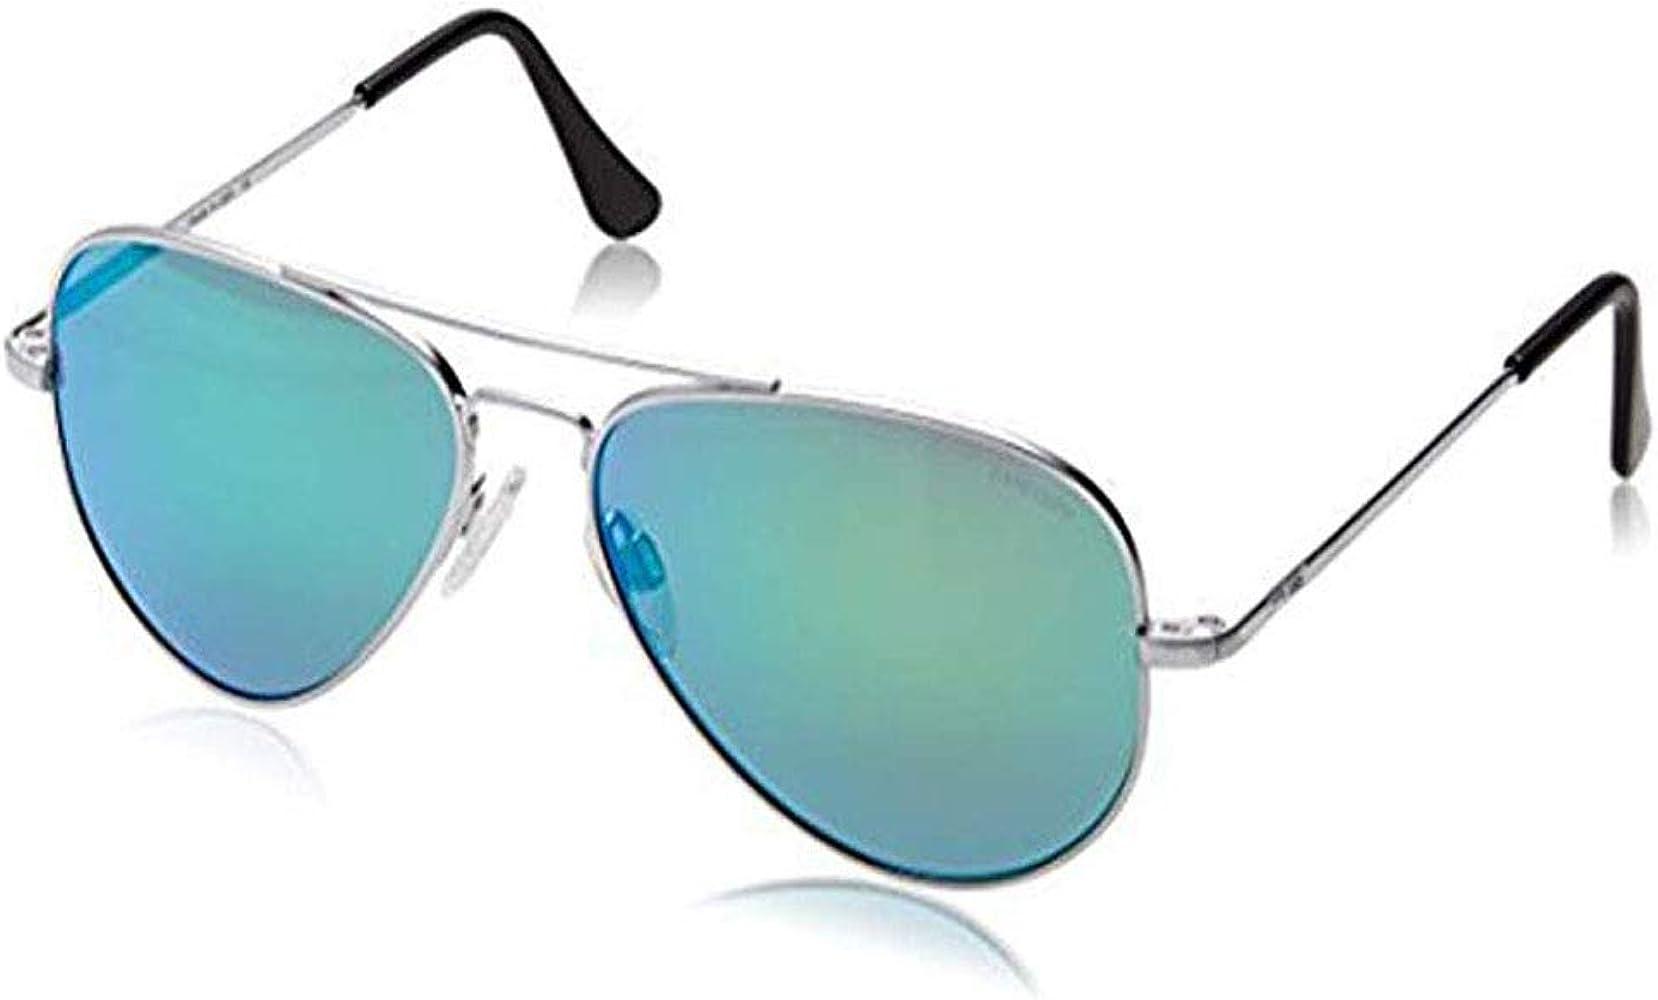 Amazon.com: Randolph Concorde Spectrum anteojos de sol: Clothing